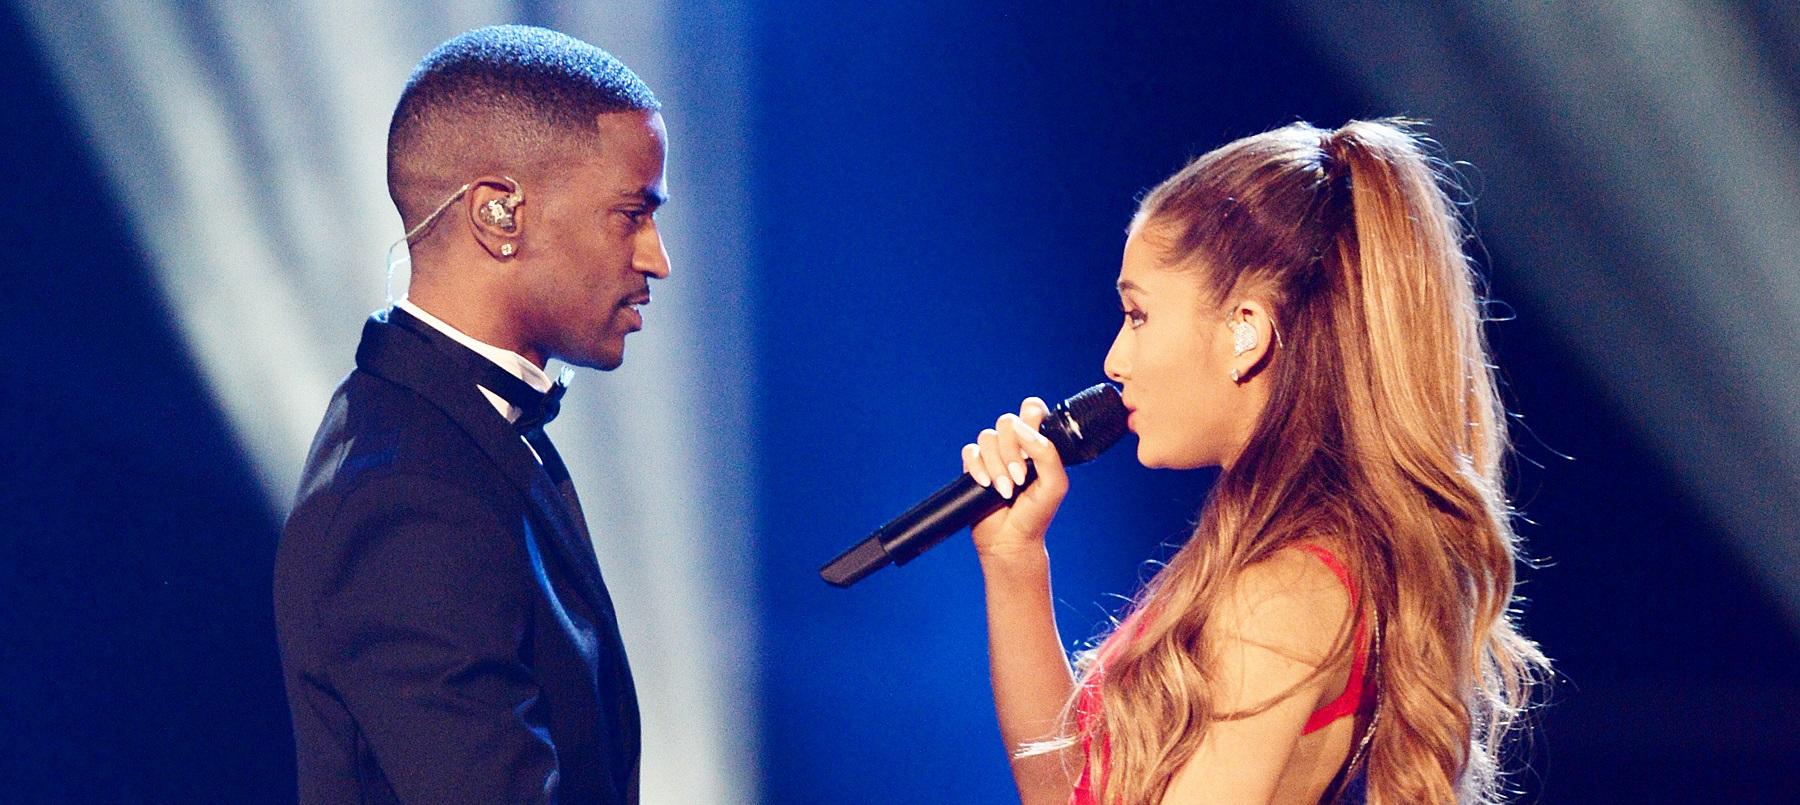 ¿Cómo empezaron a salir Ariana Grande y Big Sean?